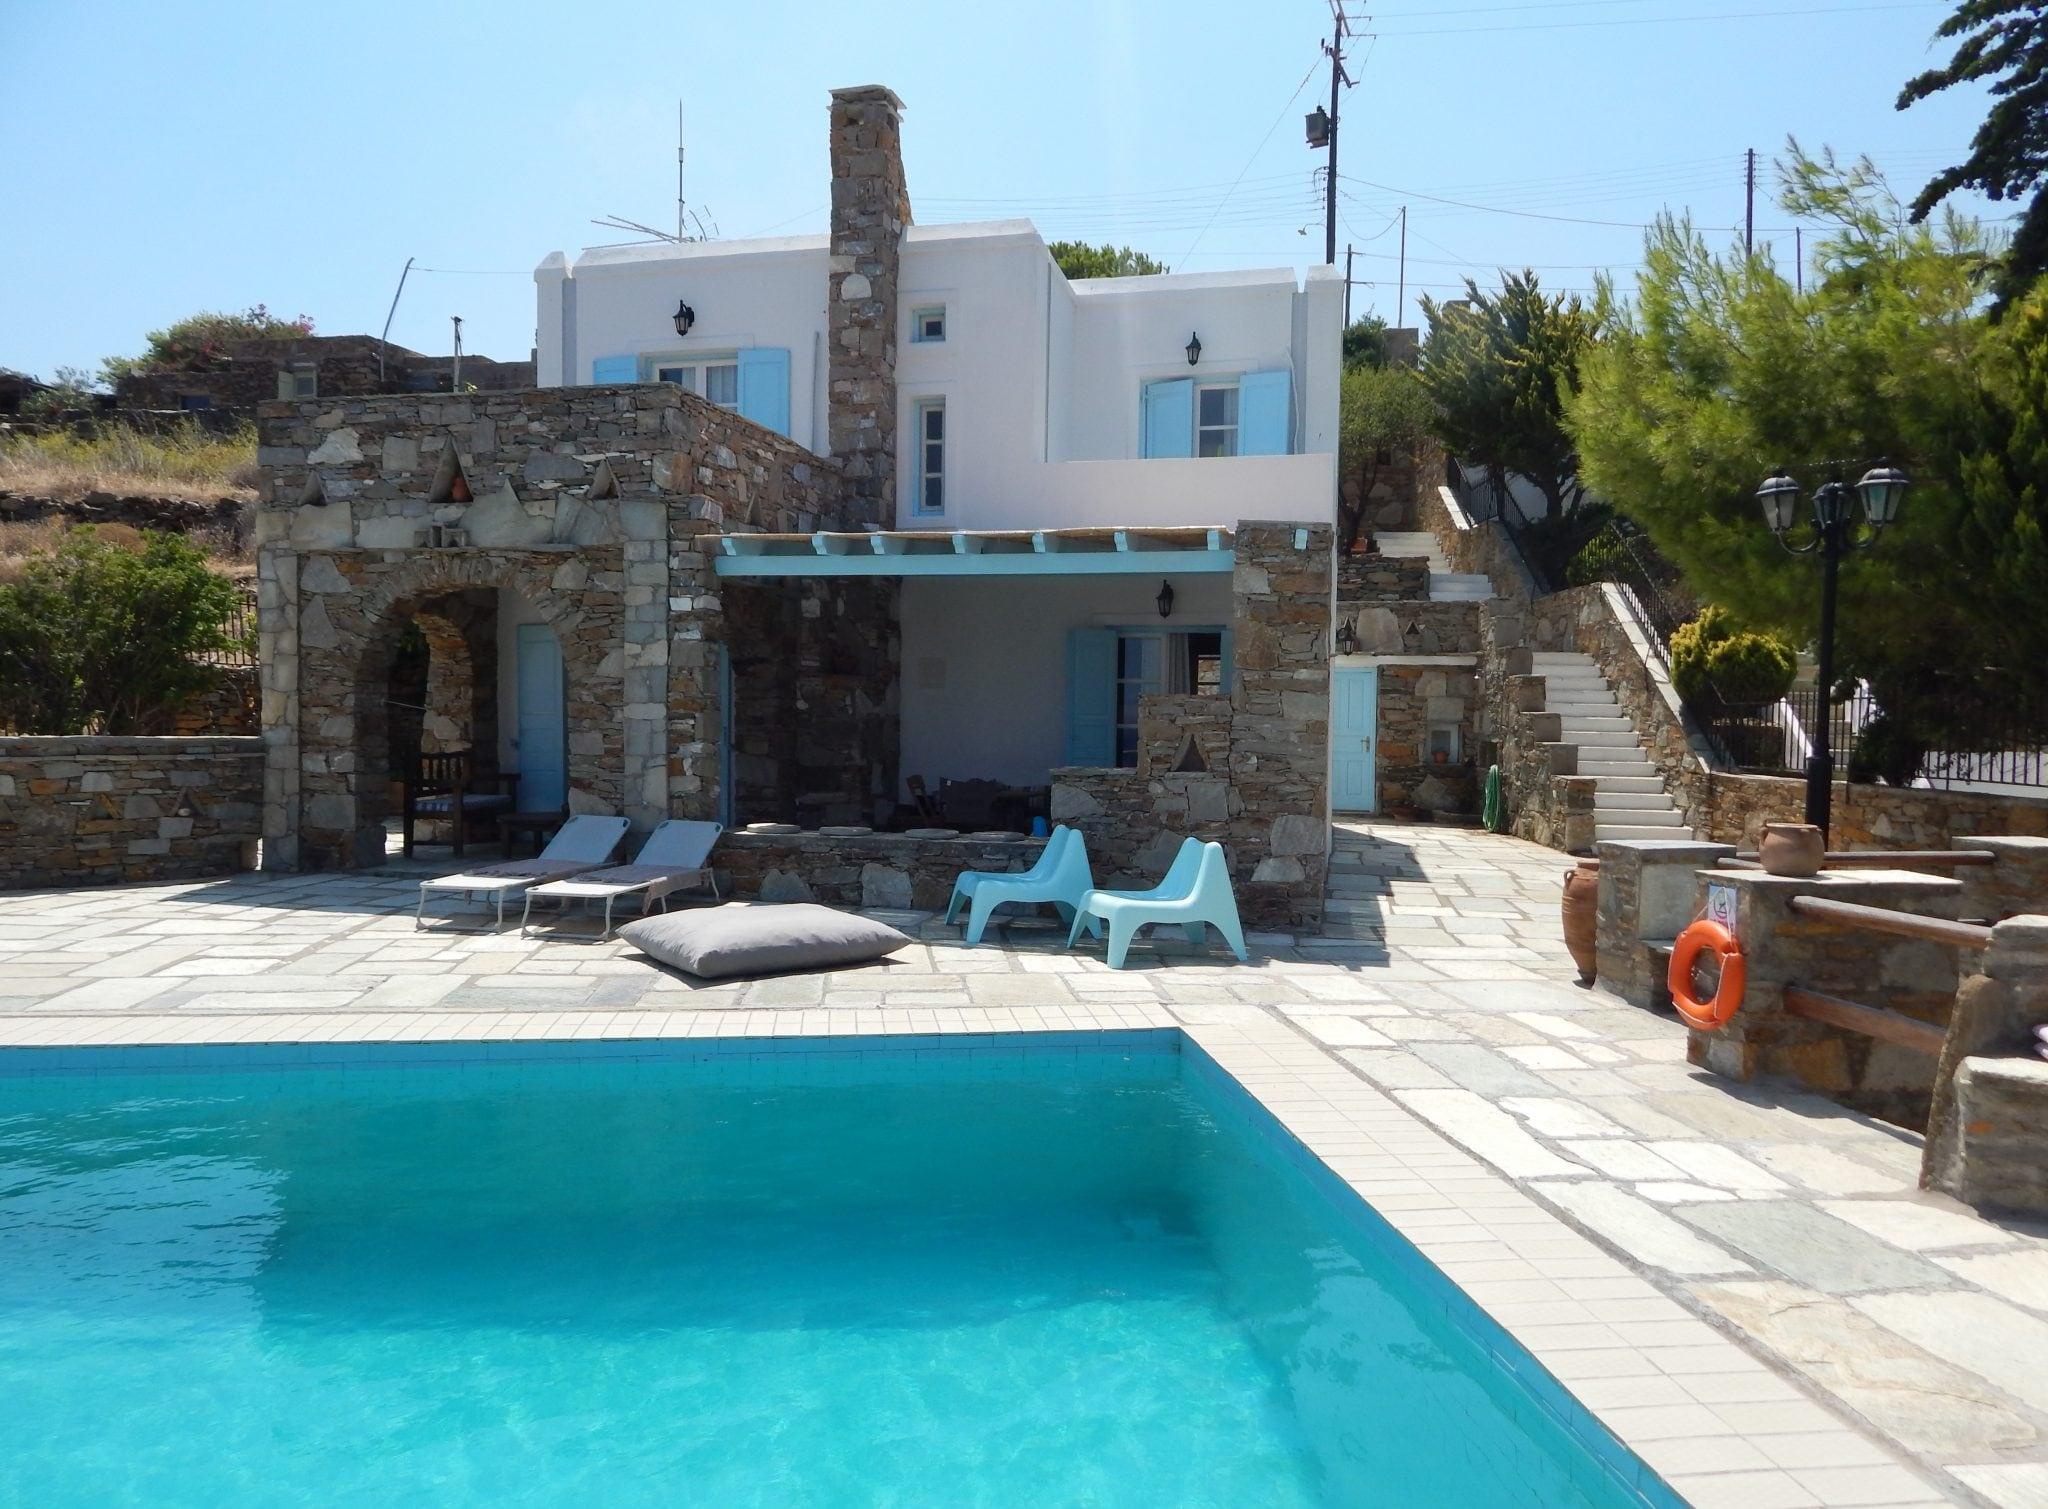 Maison, Kythnos - Ref GR-4725